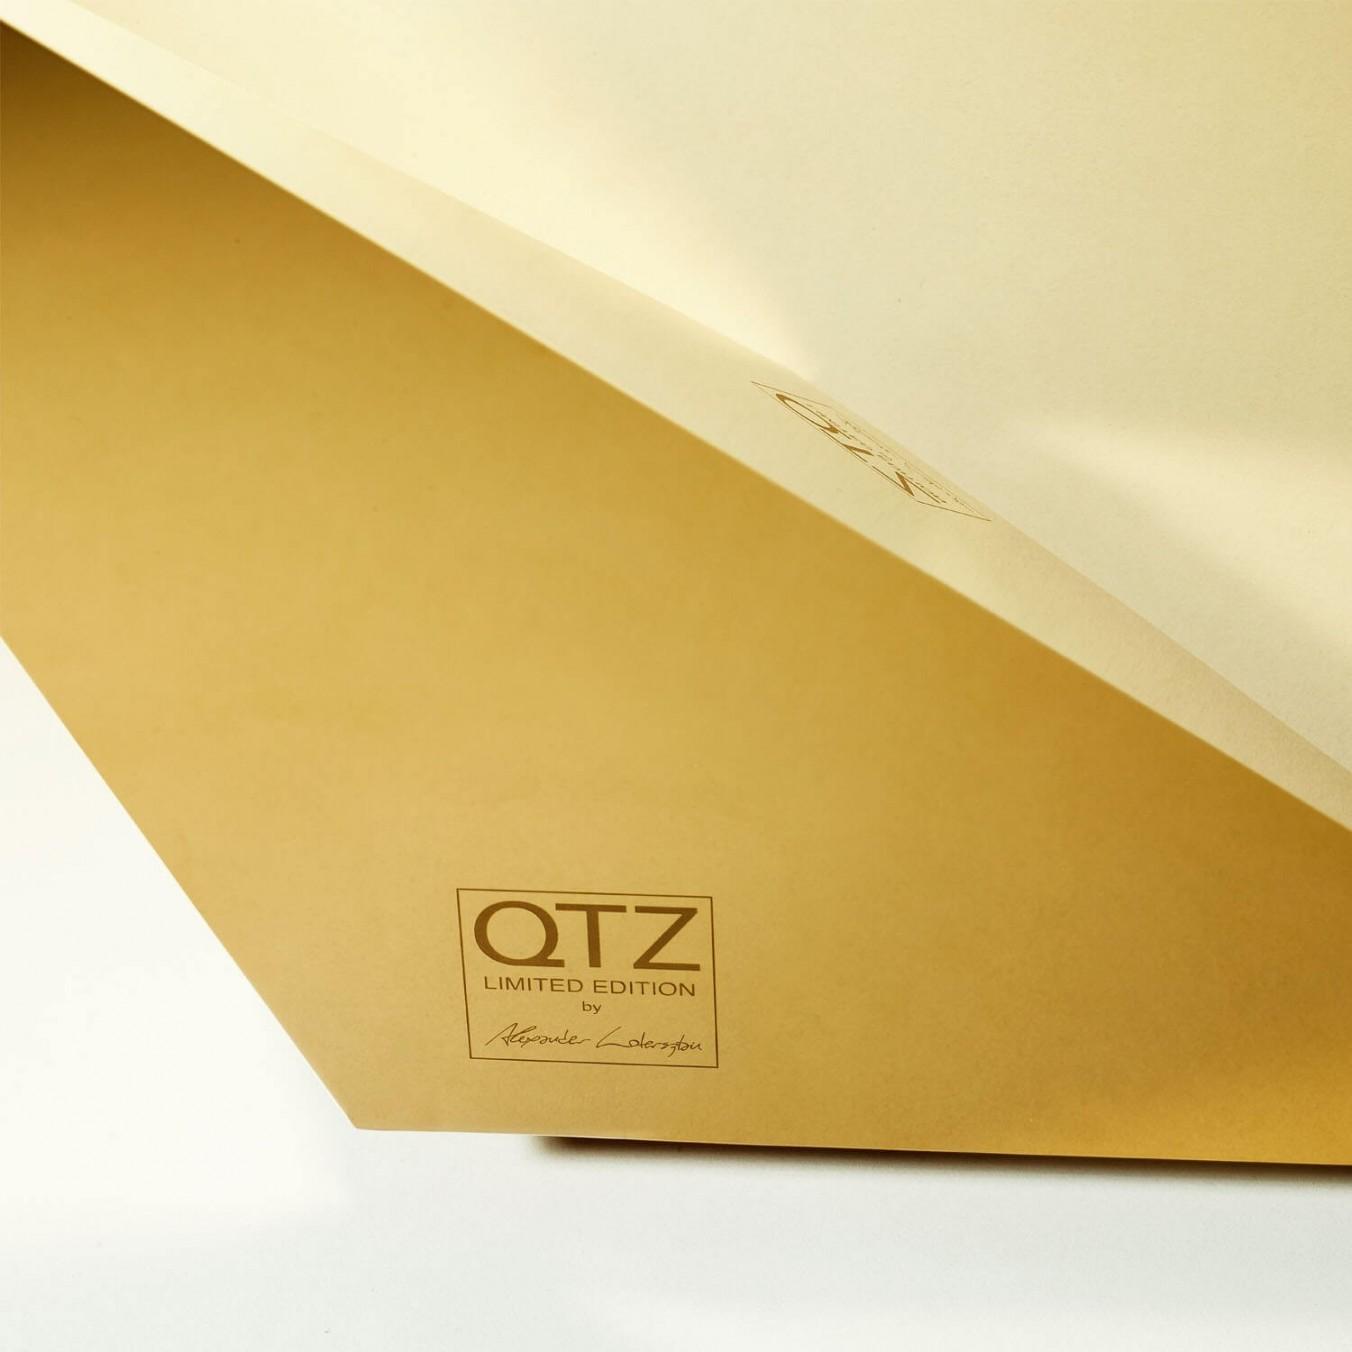 QTZ Swivel base lounge